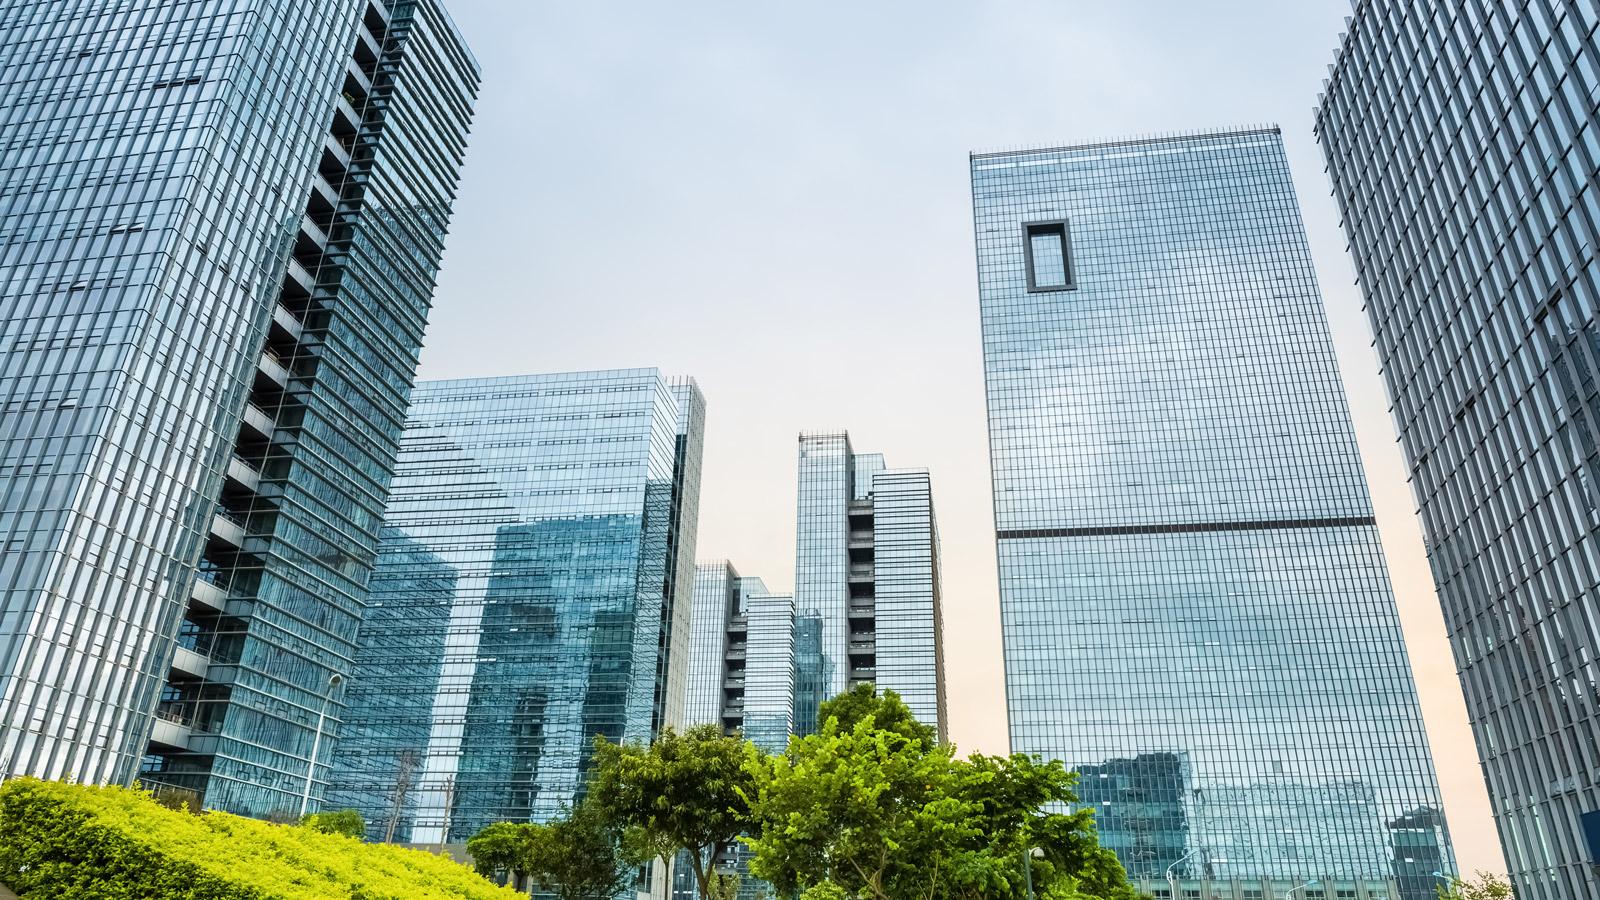 Innowacyjne biura - co 5 firma inwestuje w nowoczesne technologie biurowe Rekrutacja mediarun biurowce nowoczense biura 2019